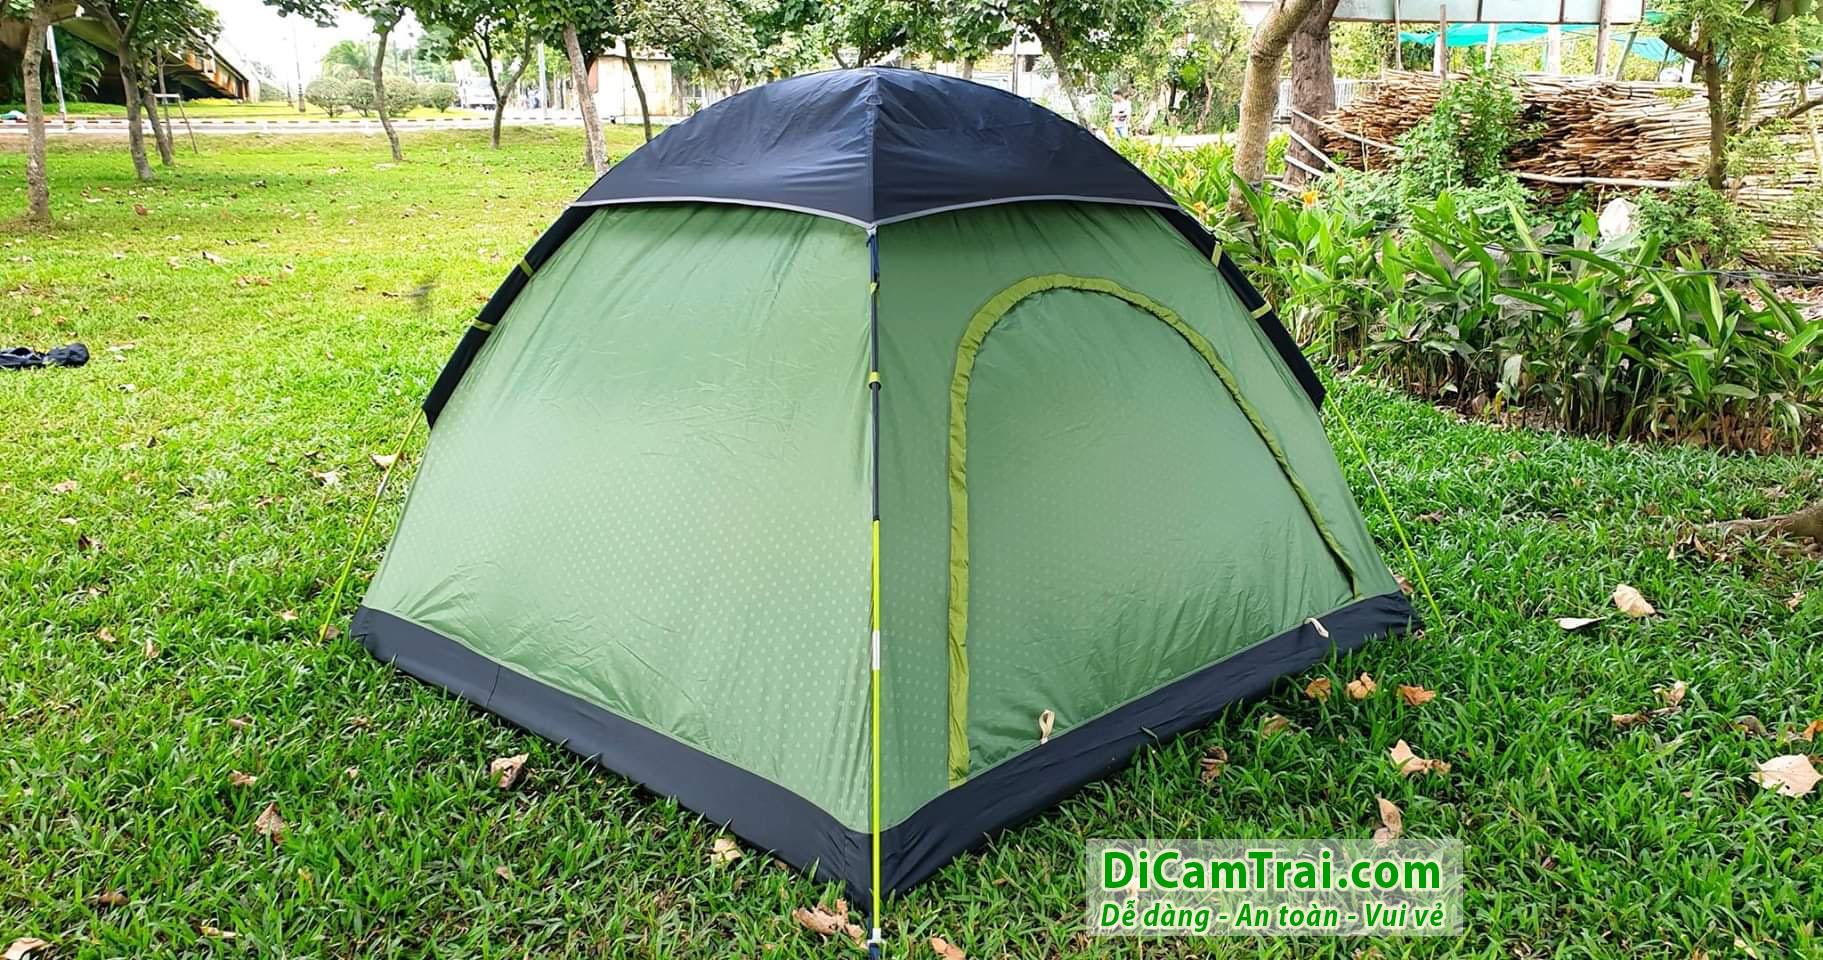 lều cắm trại 1 lớp